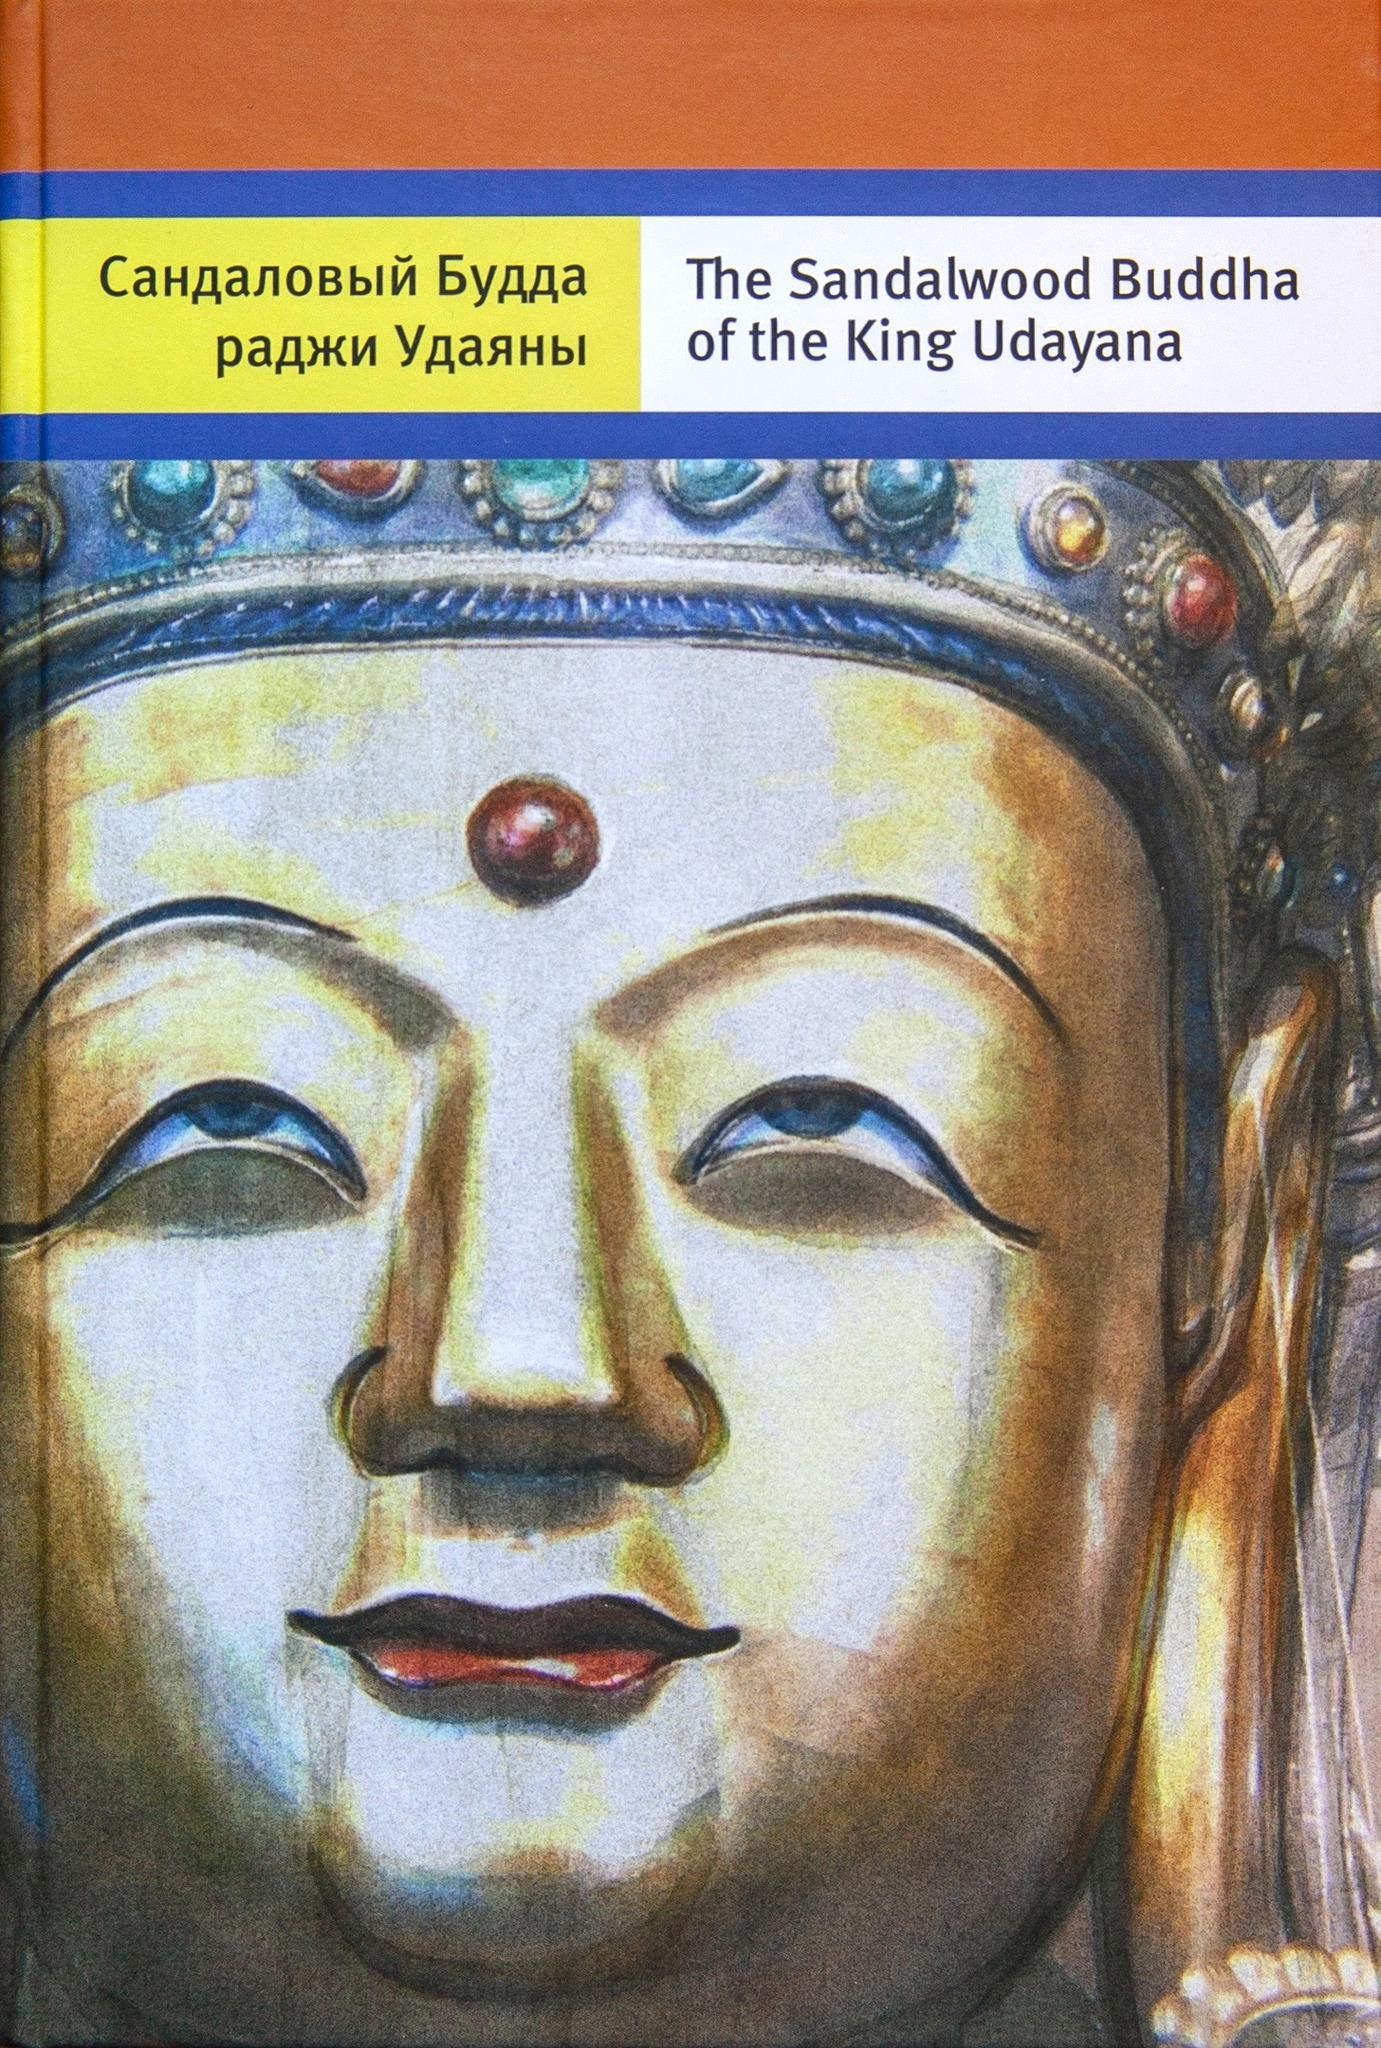 Сандаловый Будда раджи Удаяны